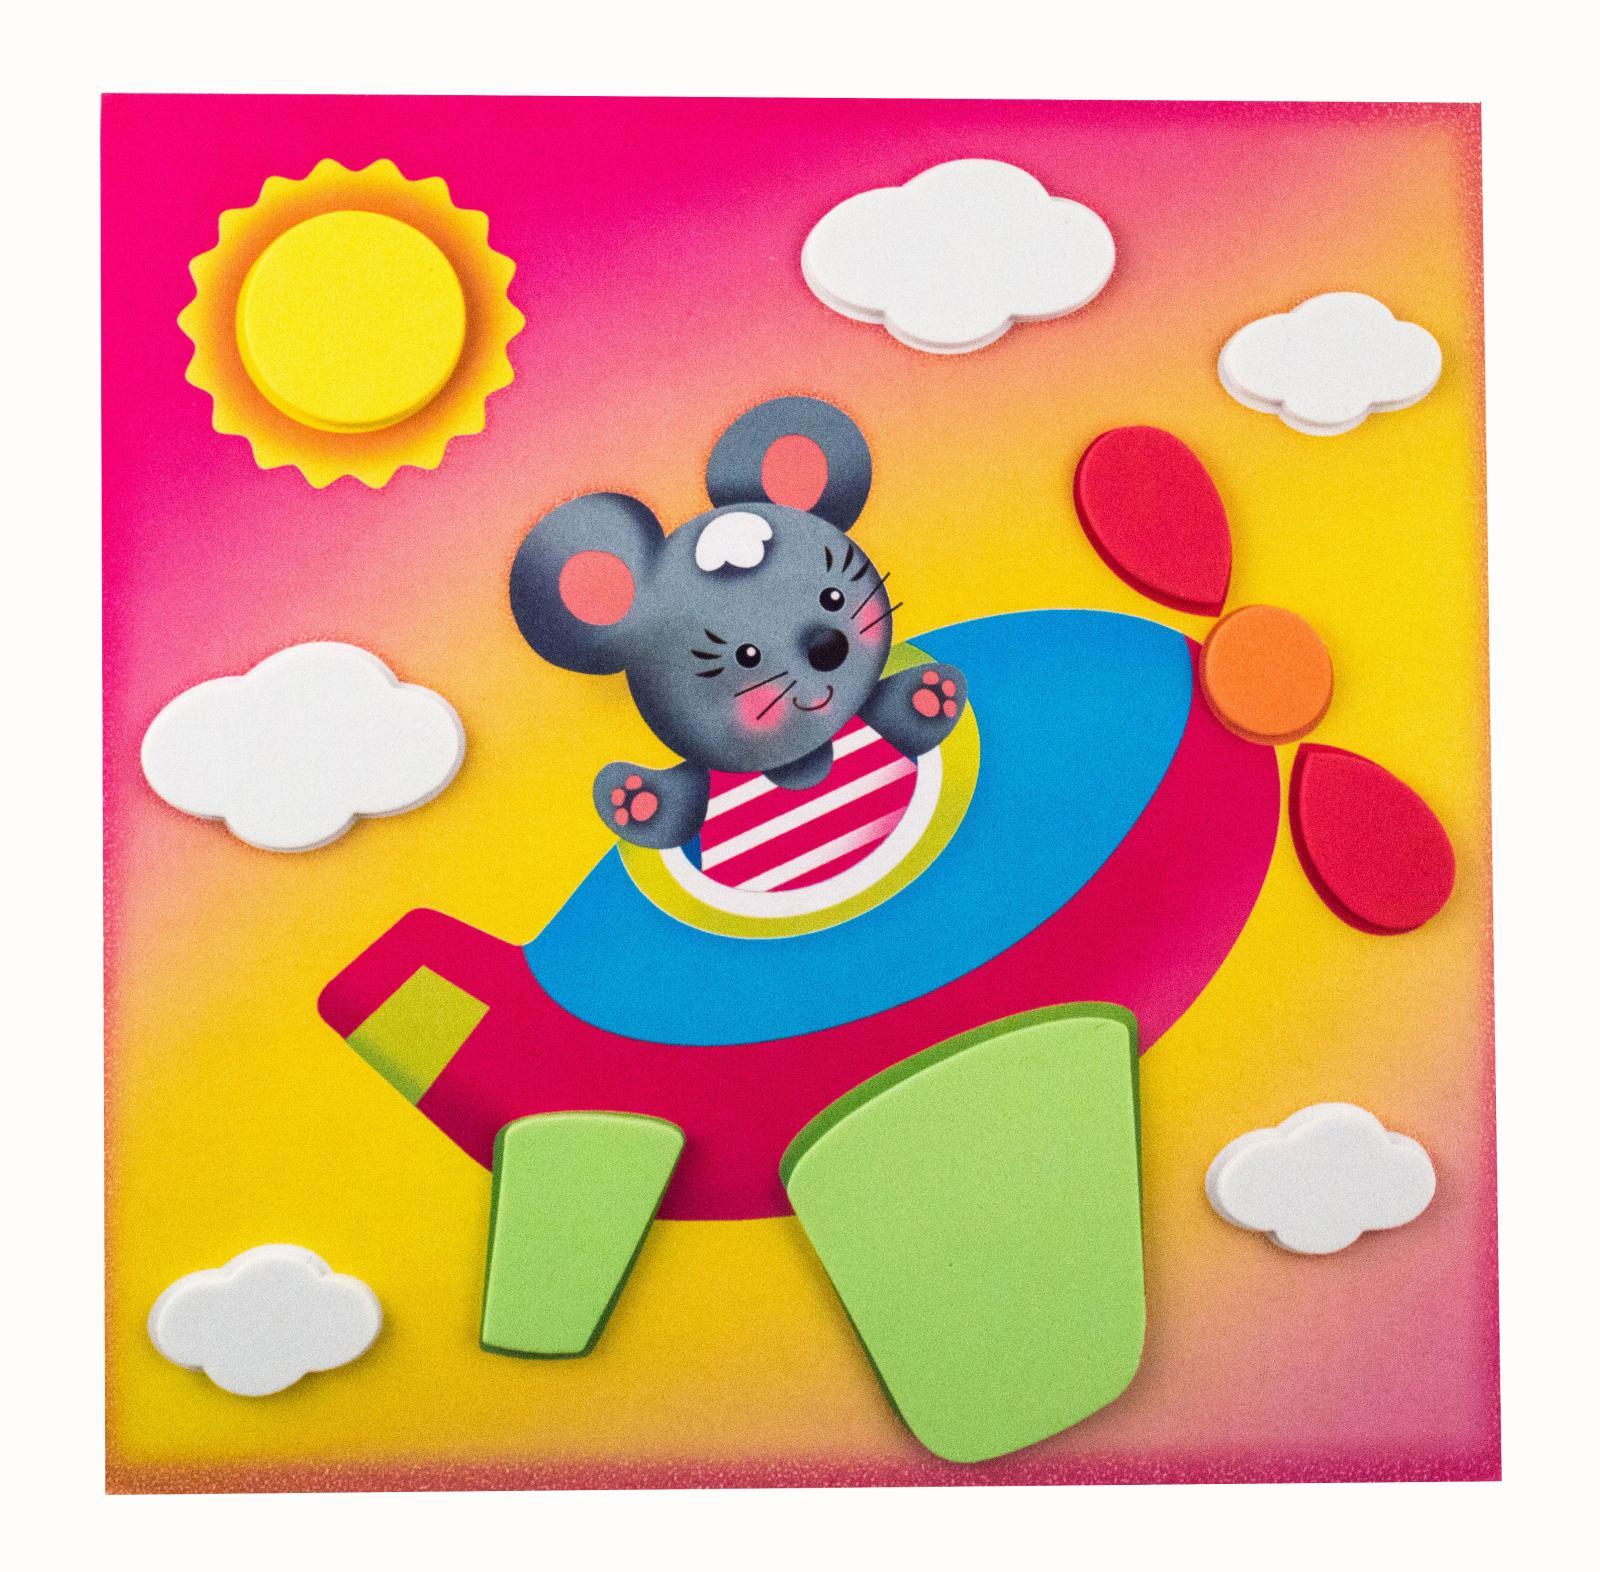 Цветной картинки для детей